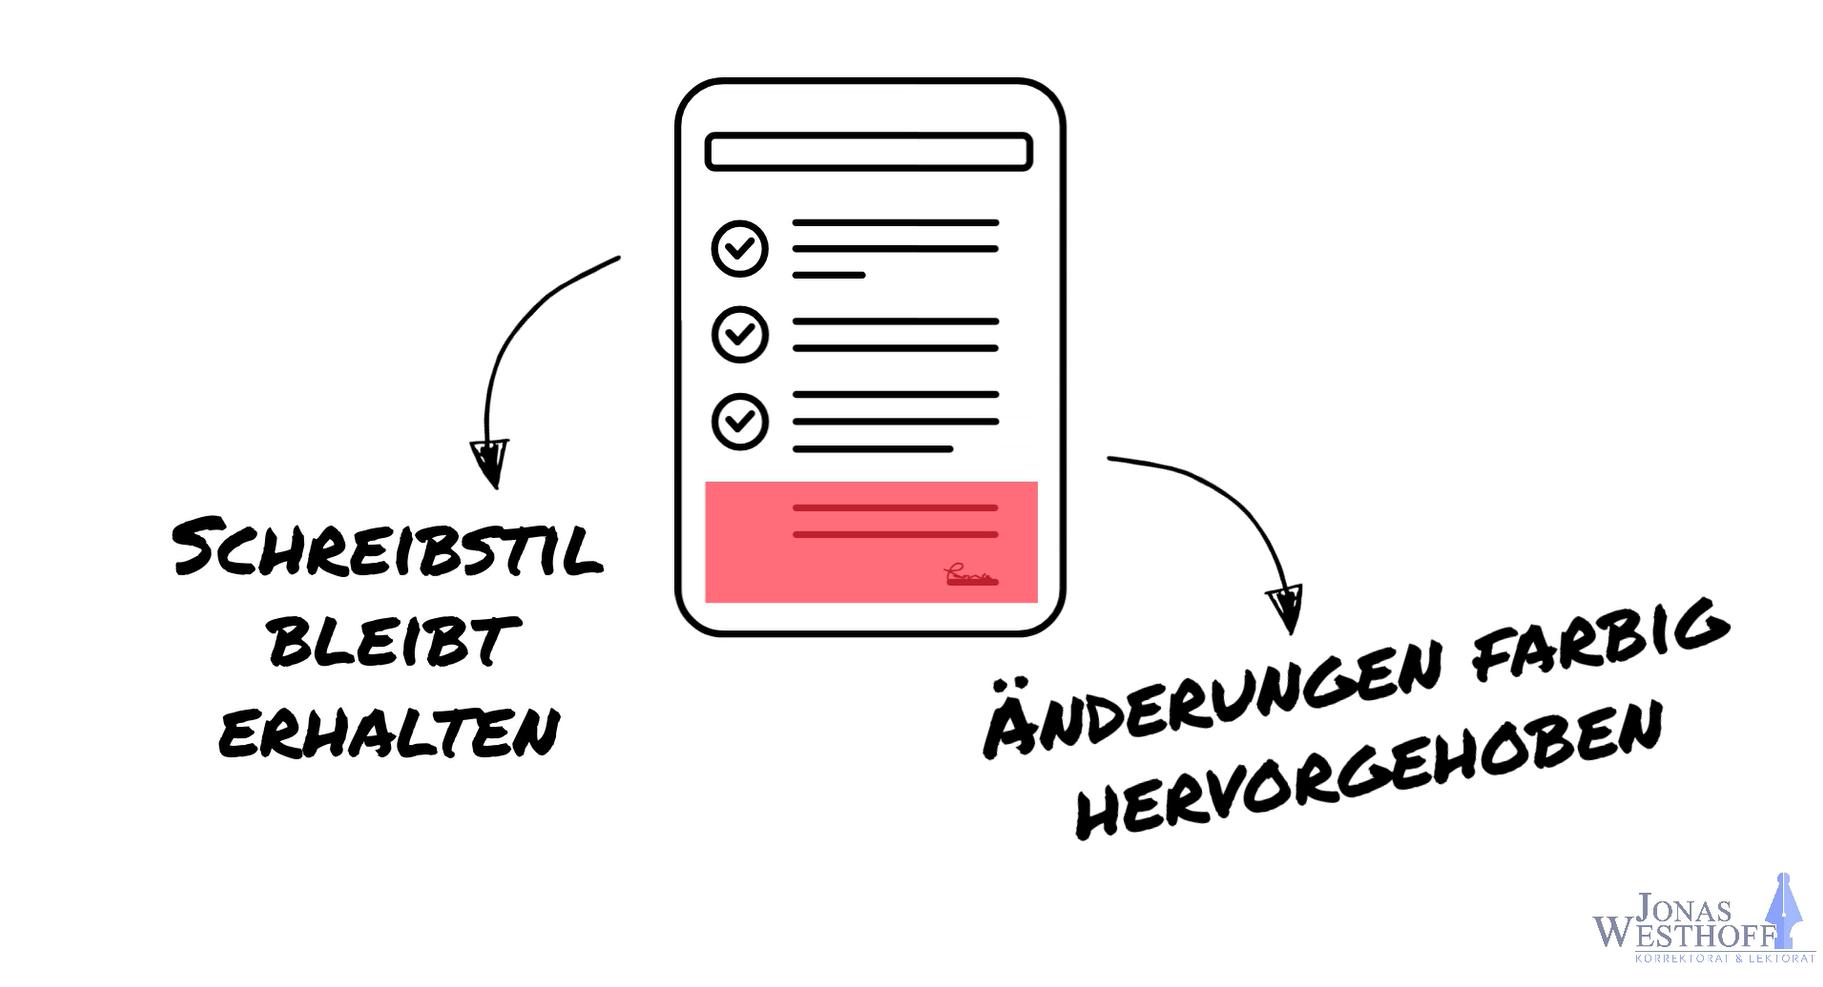 Korrektorat und Lektorat Jonas Westhoff - Schreibstil